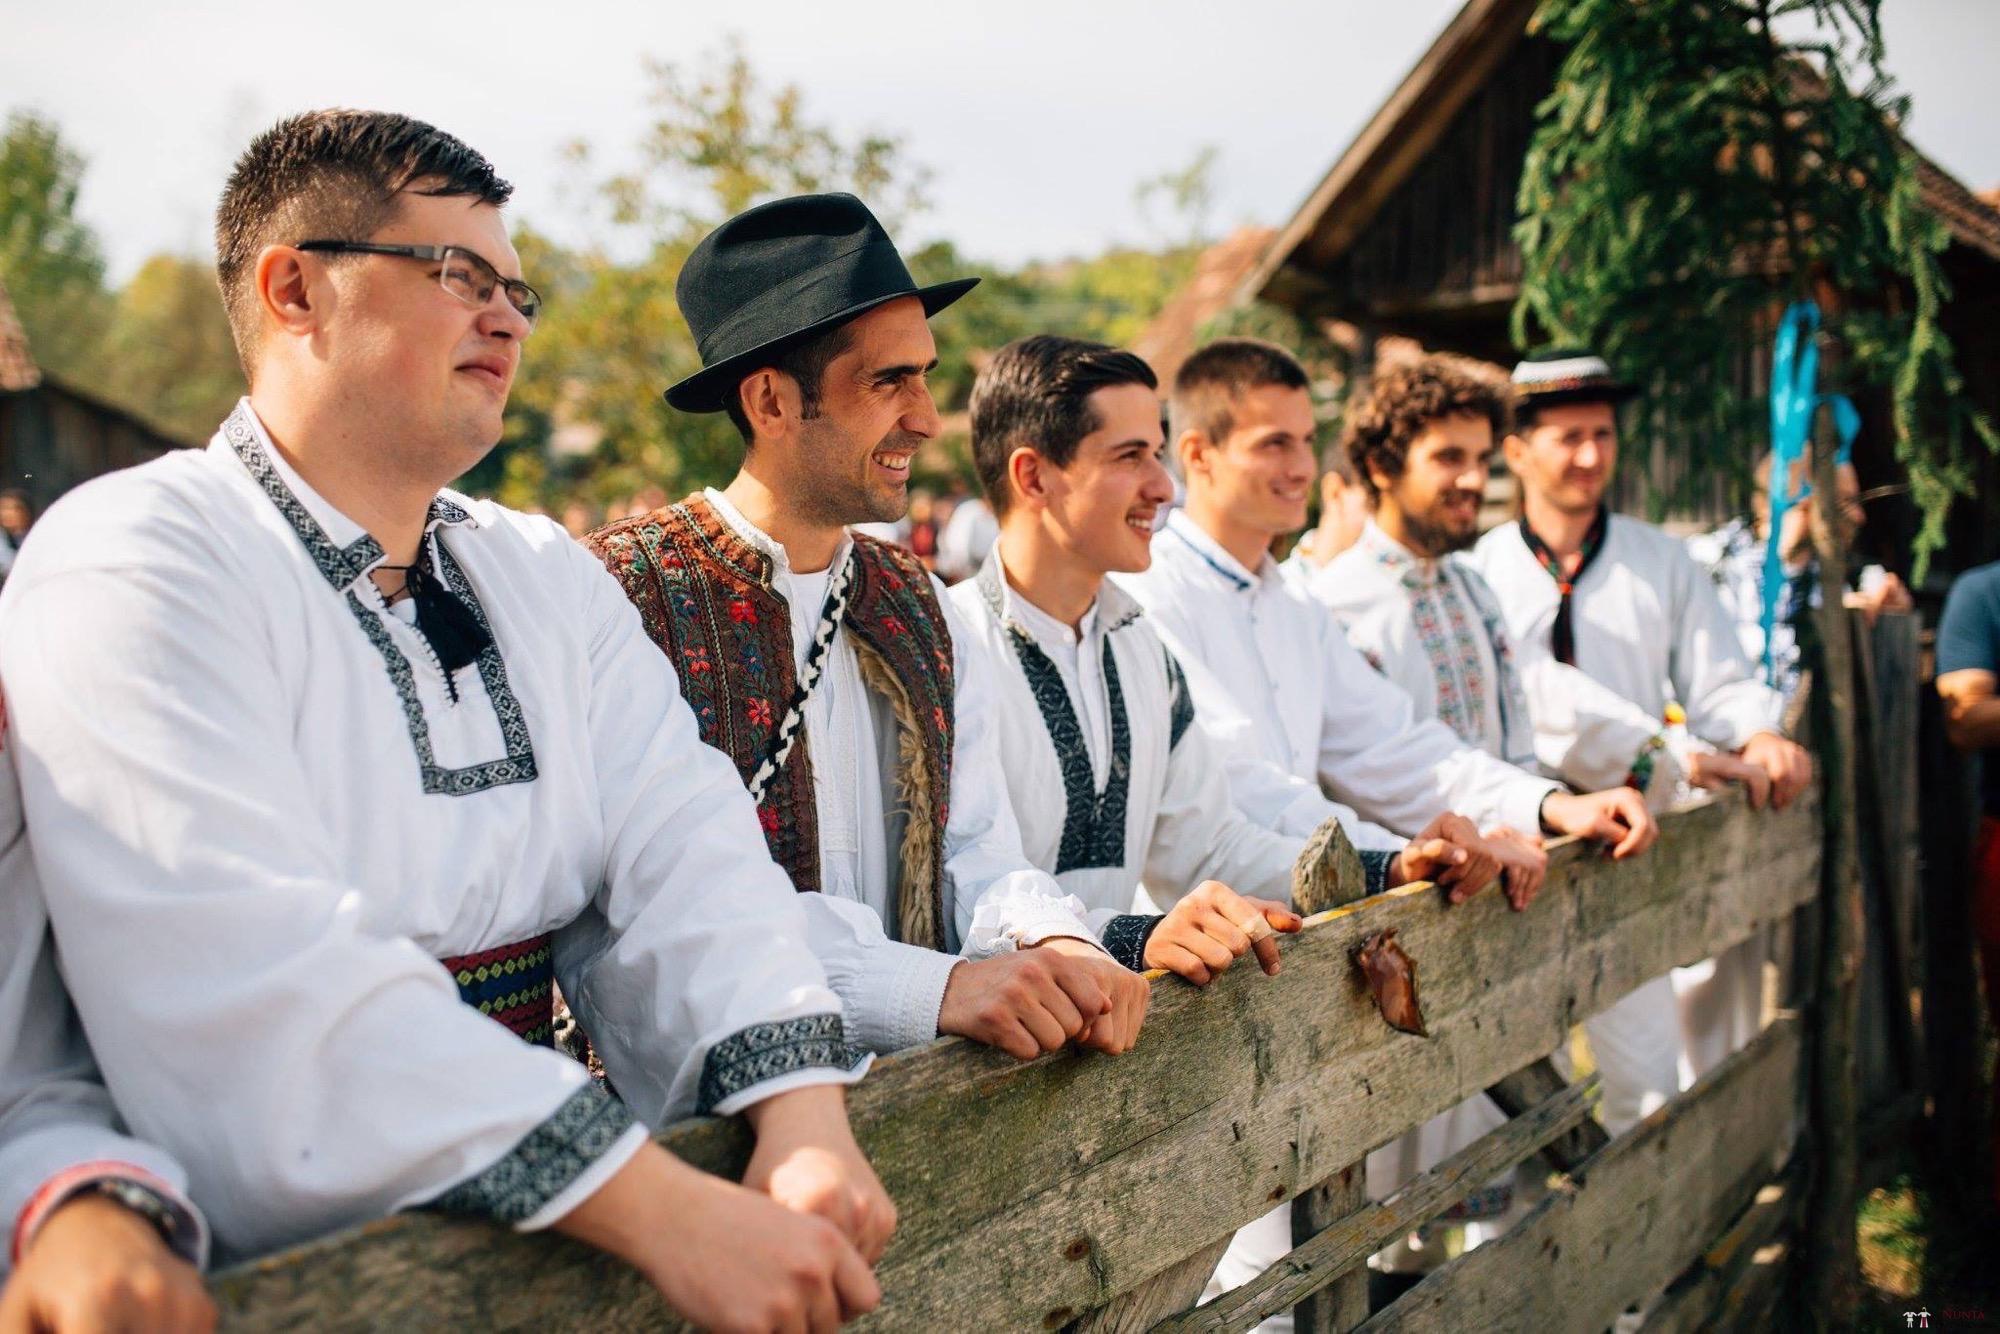 Povești Nunți Tradiționale - Andreea și Sergiu. Nuntă tradițională în Alba-Iulia 17